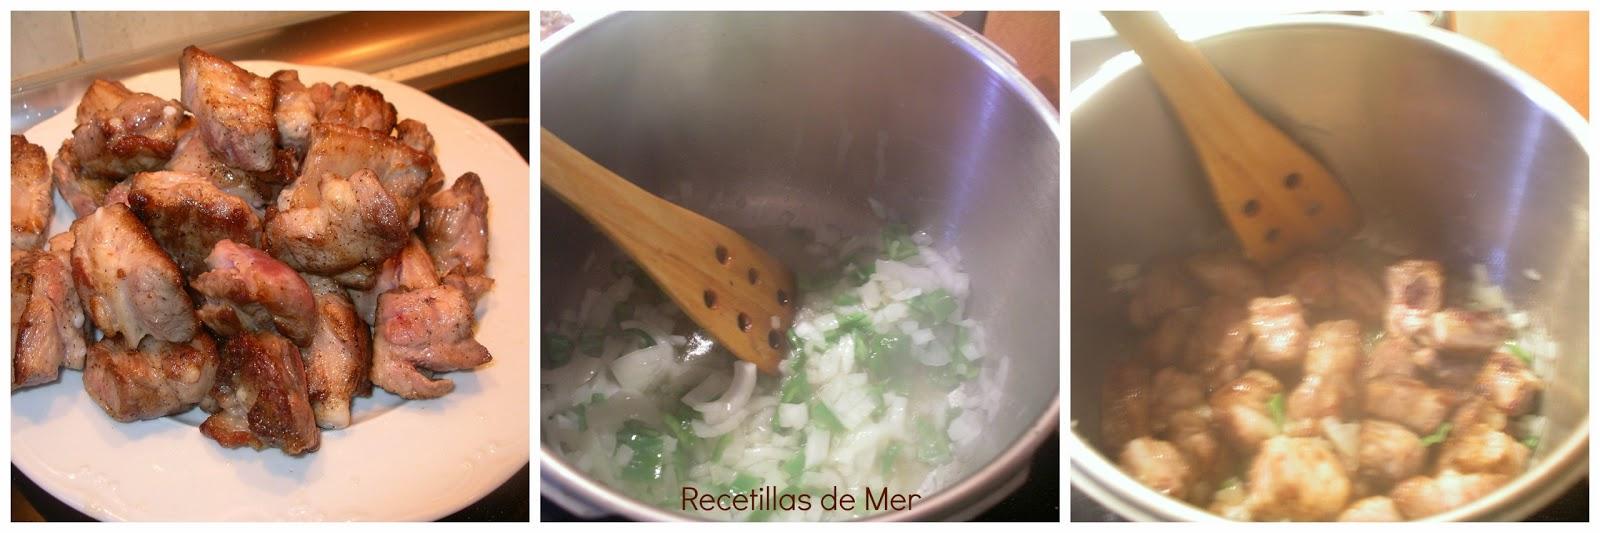 Recetillas de Mer: costillas con patatas.